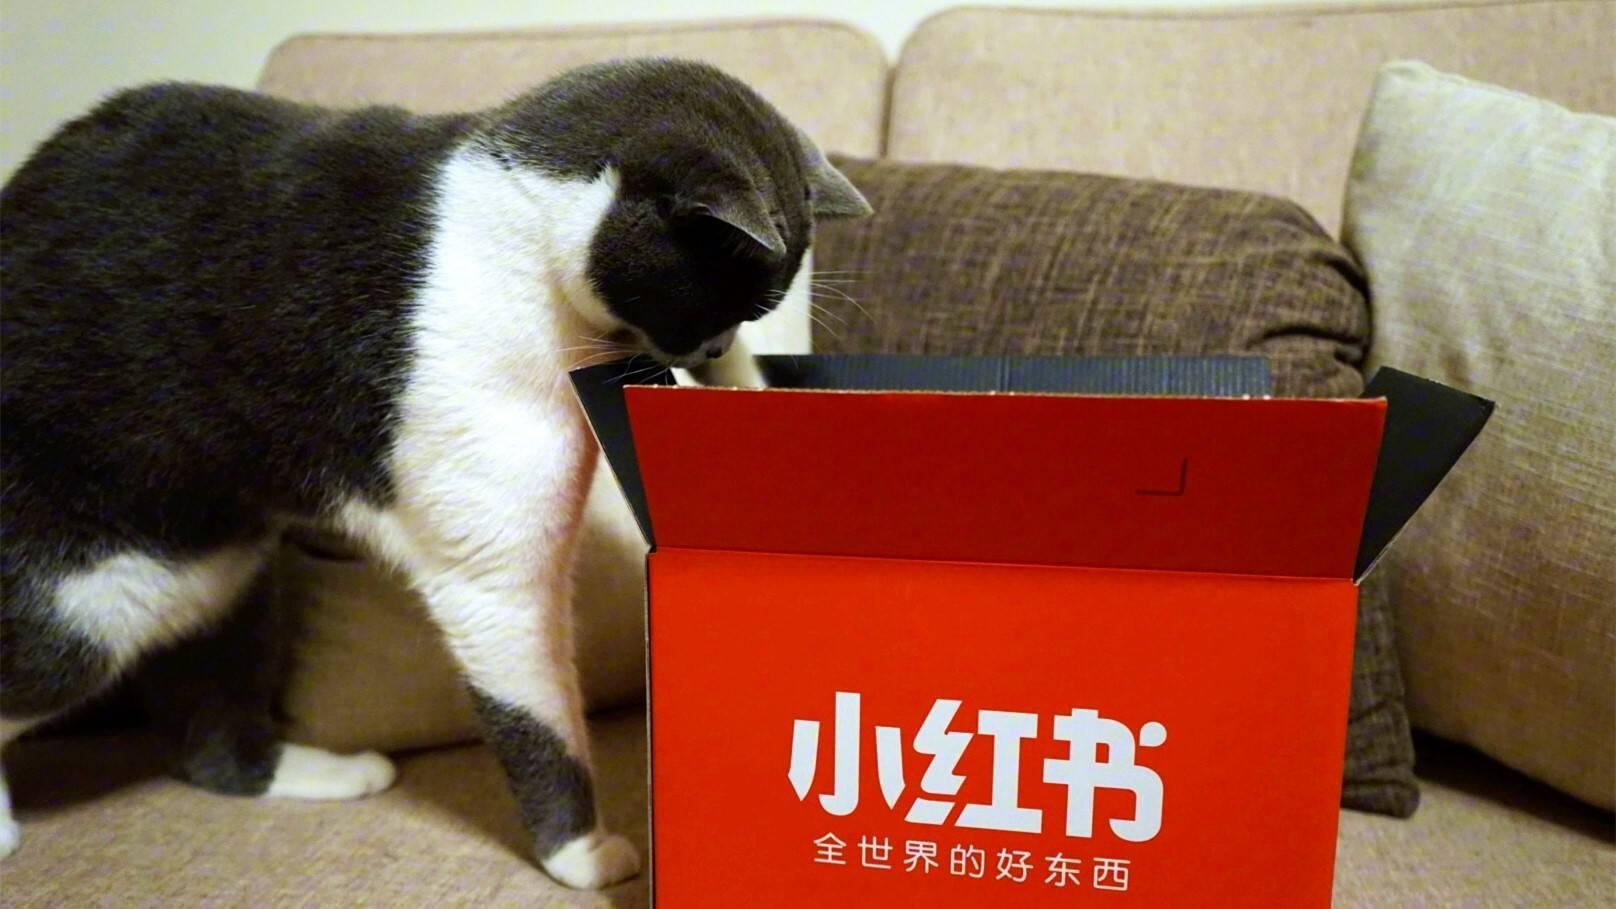 小红书品牌营销负责人:Z世代将给品牌带来5大机遇